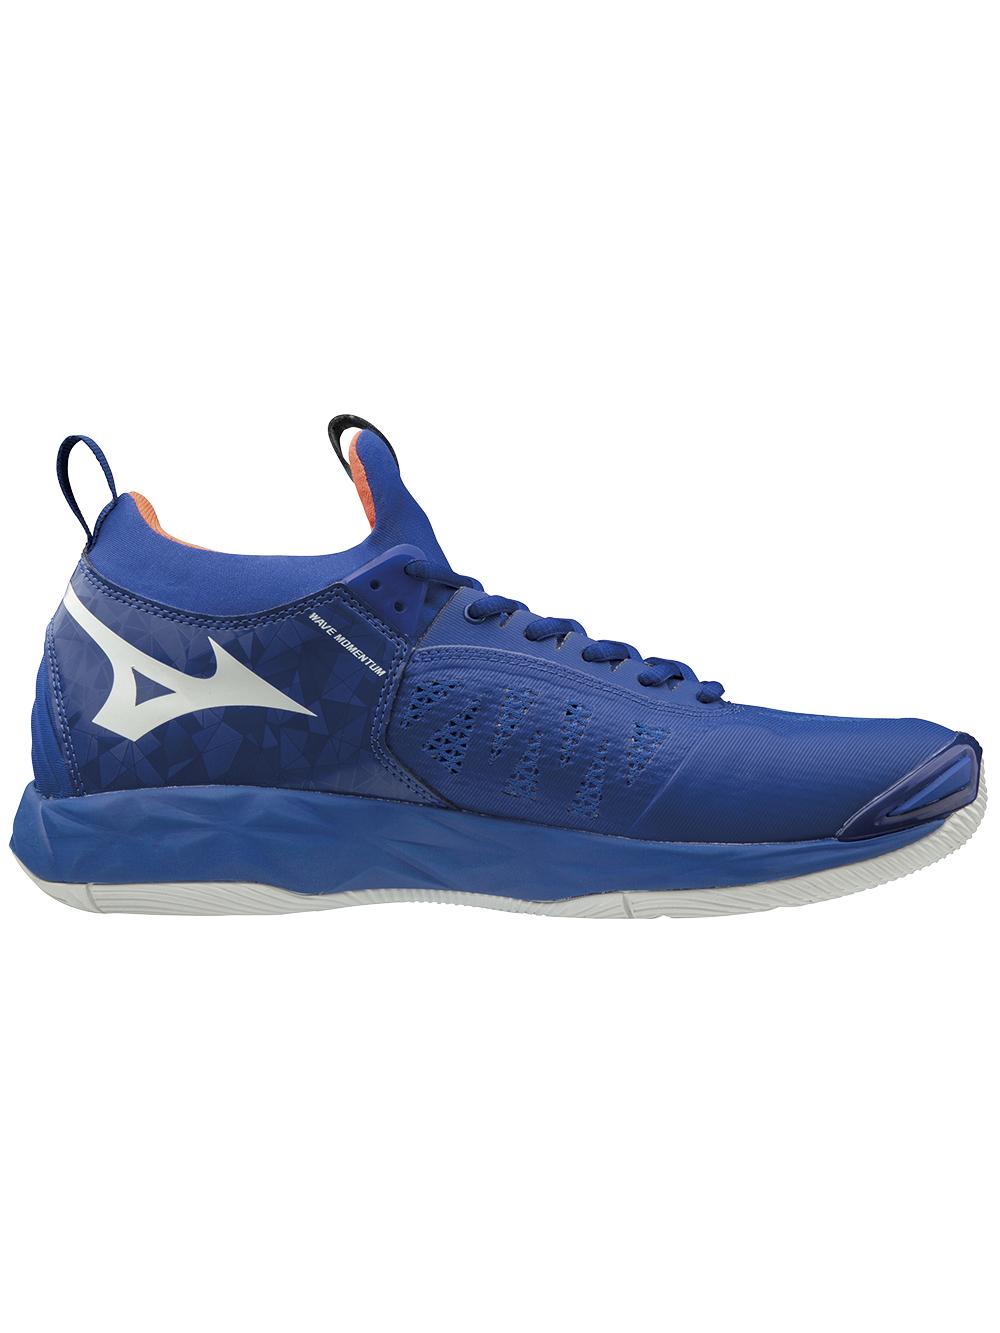 sneakers mizuno men's